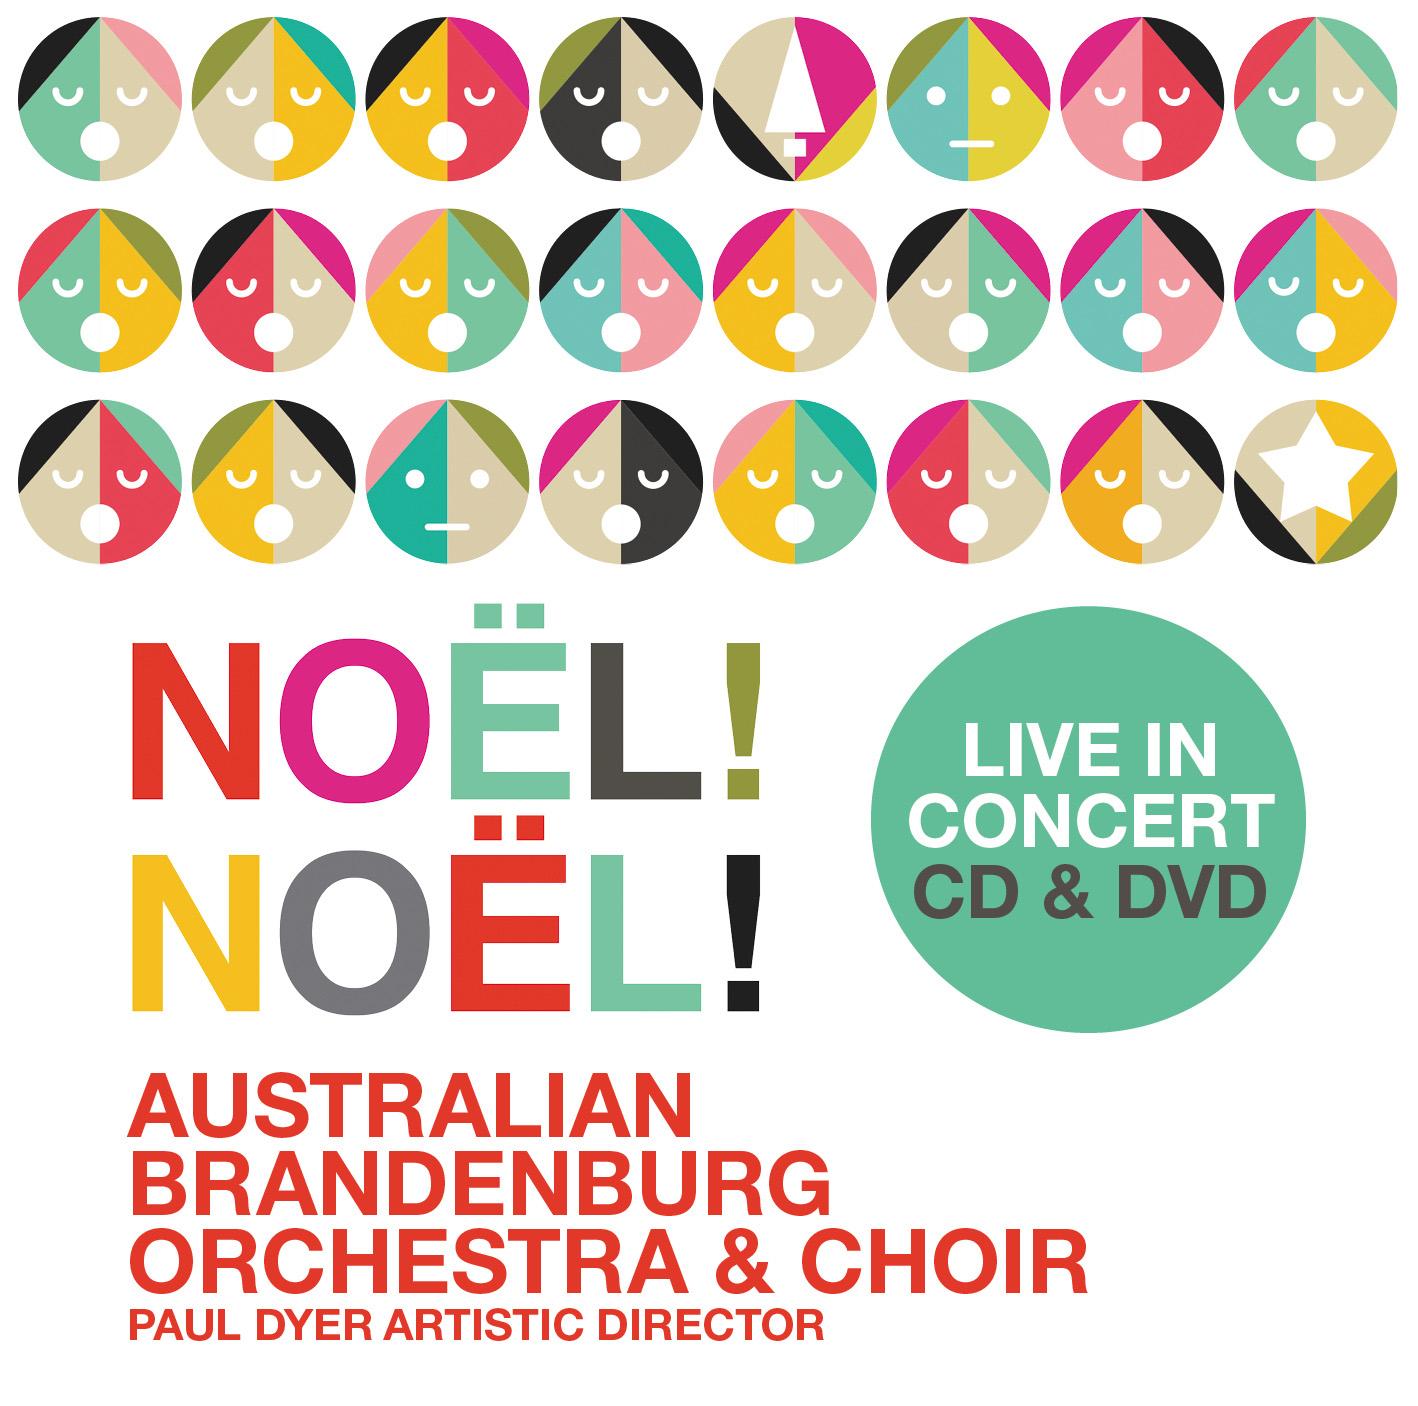 481 6488 Noel Noel Live in Concert.jpg